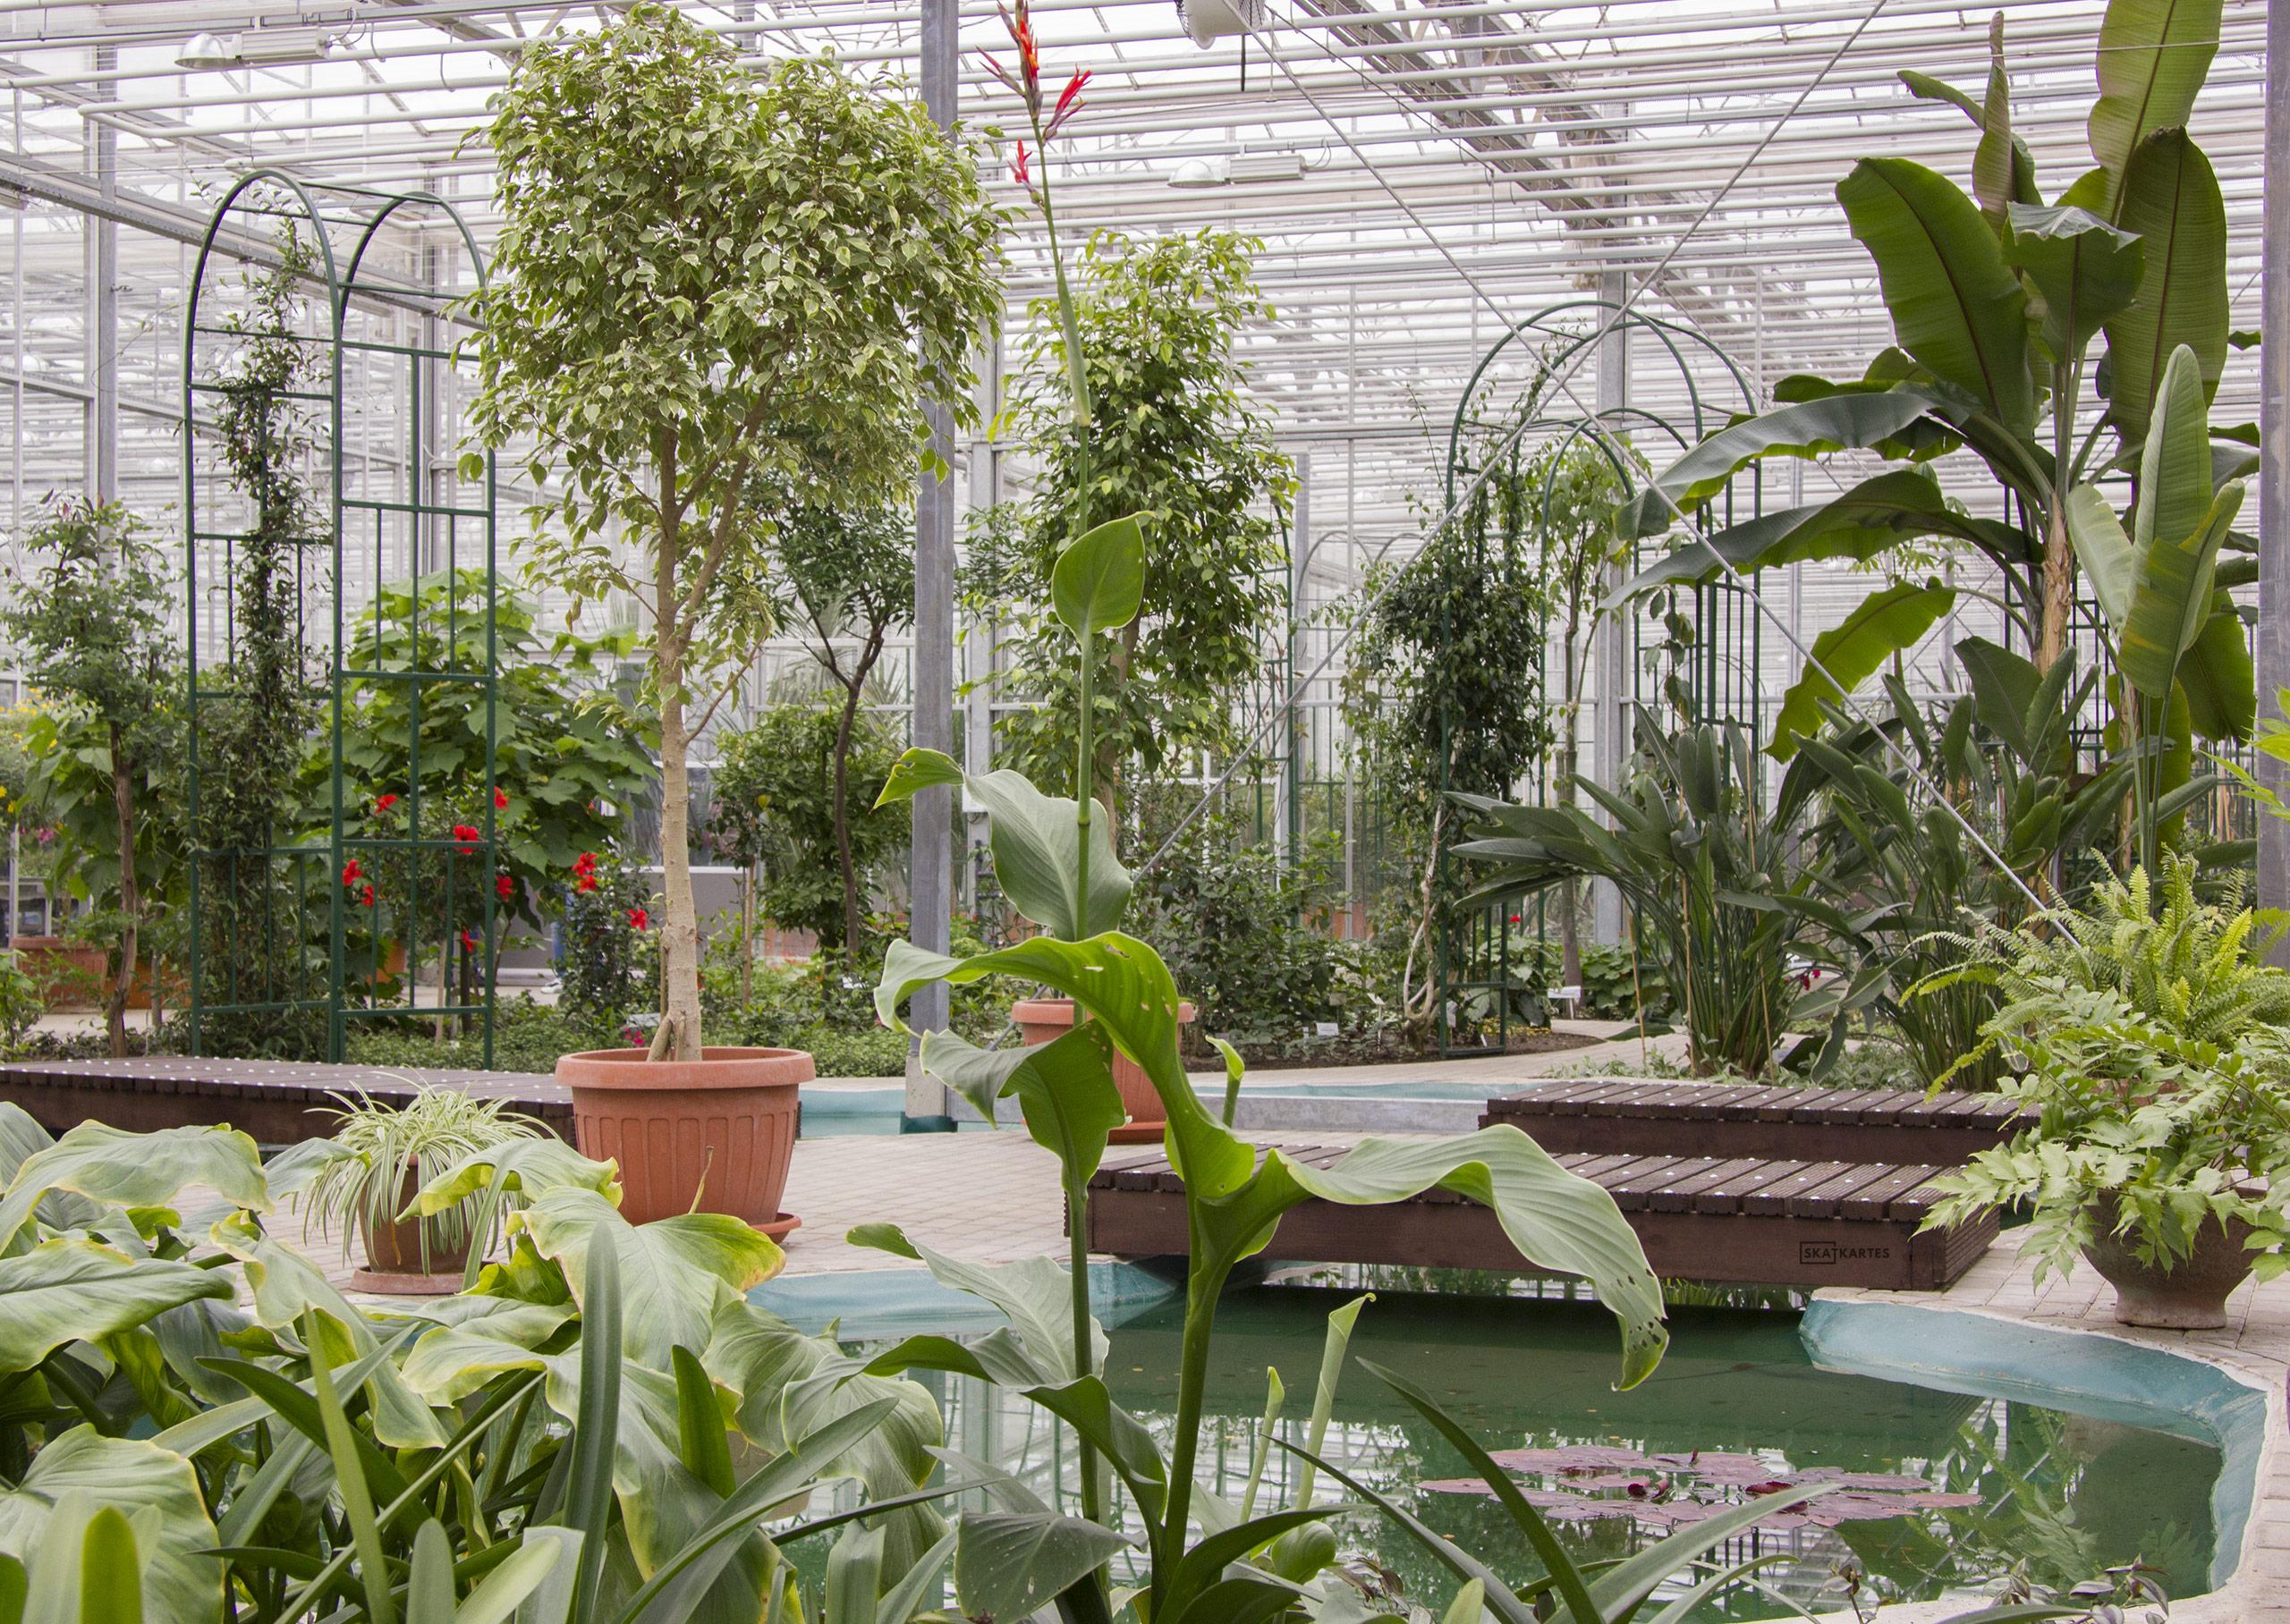 Skatkarte Nr. 1114 - Nacionālais botāniskais dārzs (2015. gada aprīlis).